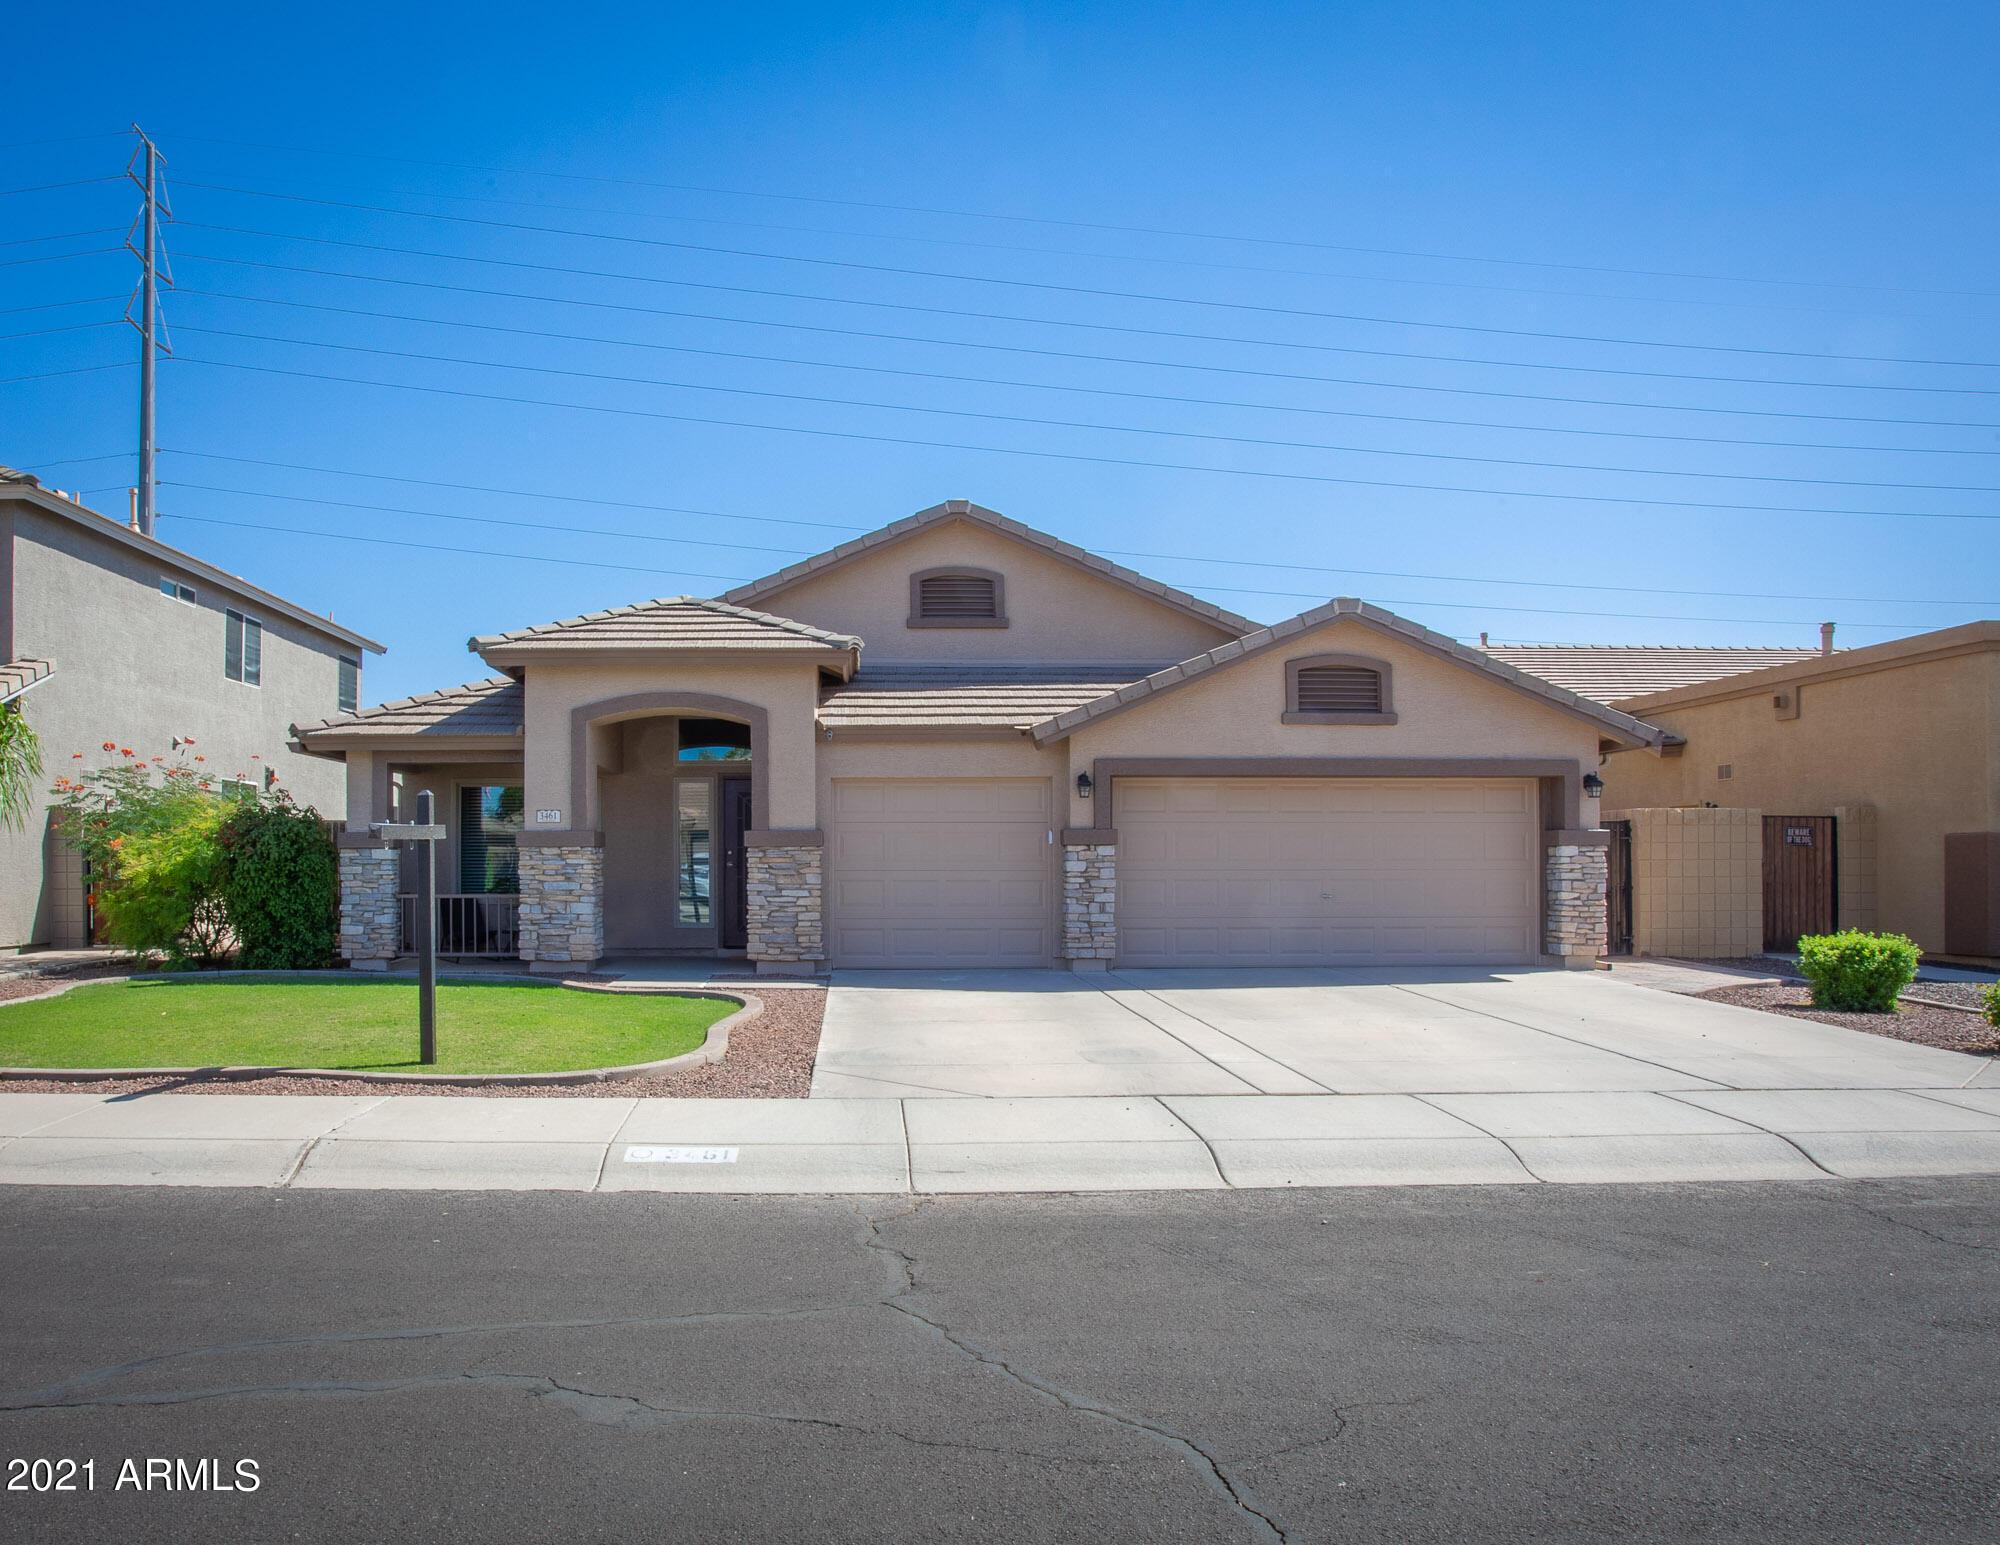 MLS 6300330 3461 S Joshua Tree Lane, Gilbert, AZ 85297 Gilbert AZ San Tan Ranch